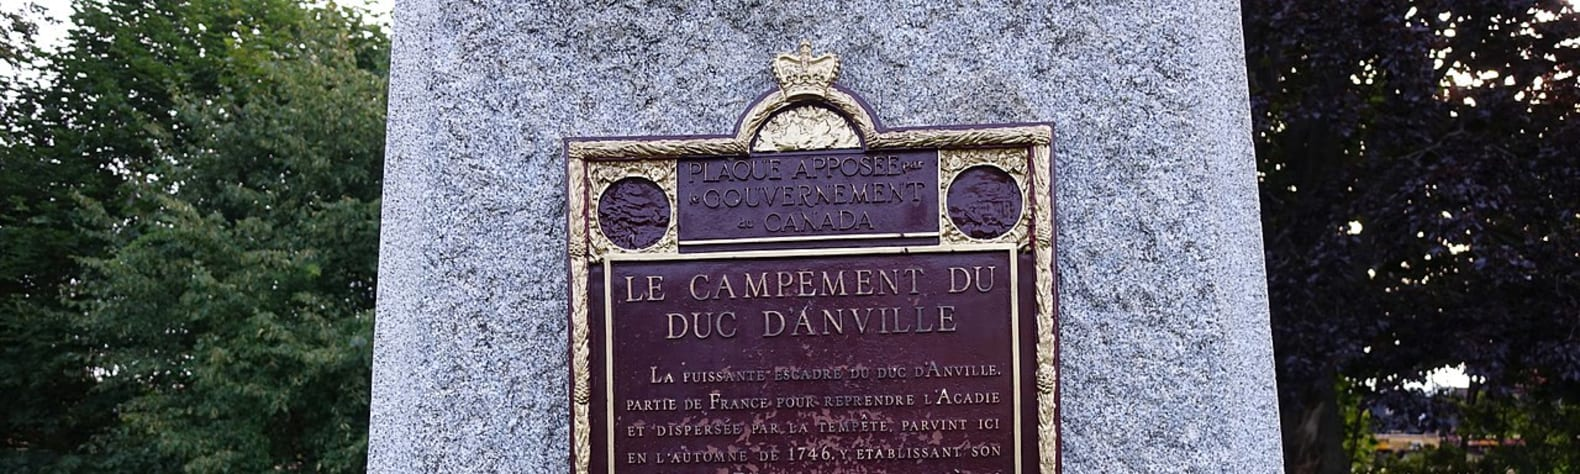 D'Anville's Encampment National Historic Site